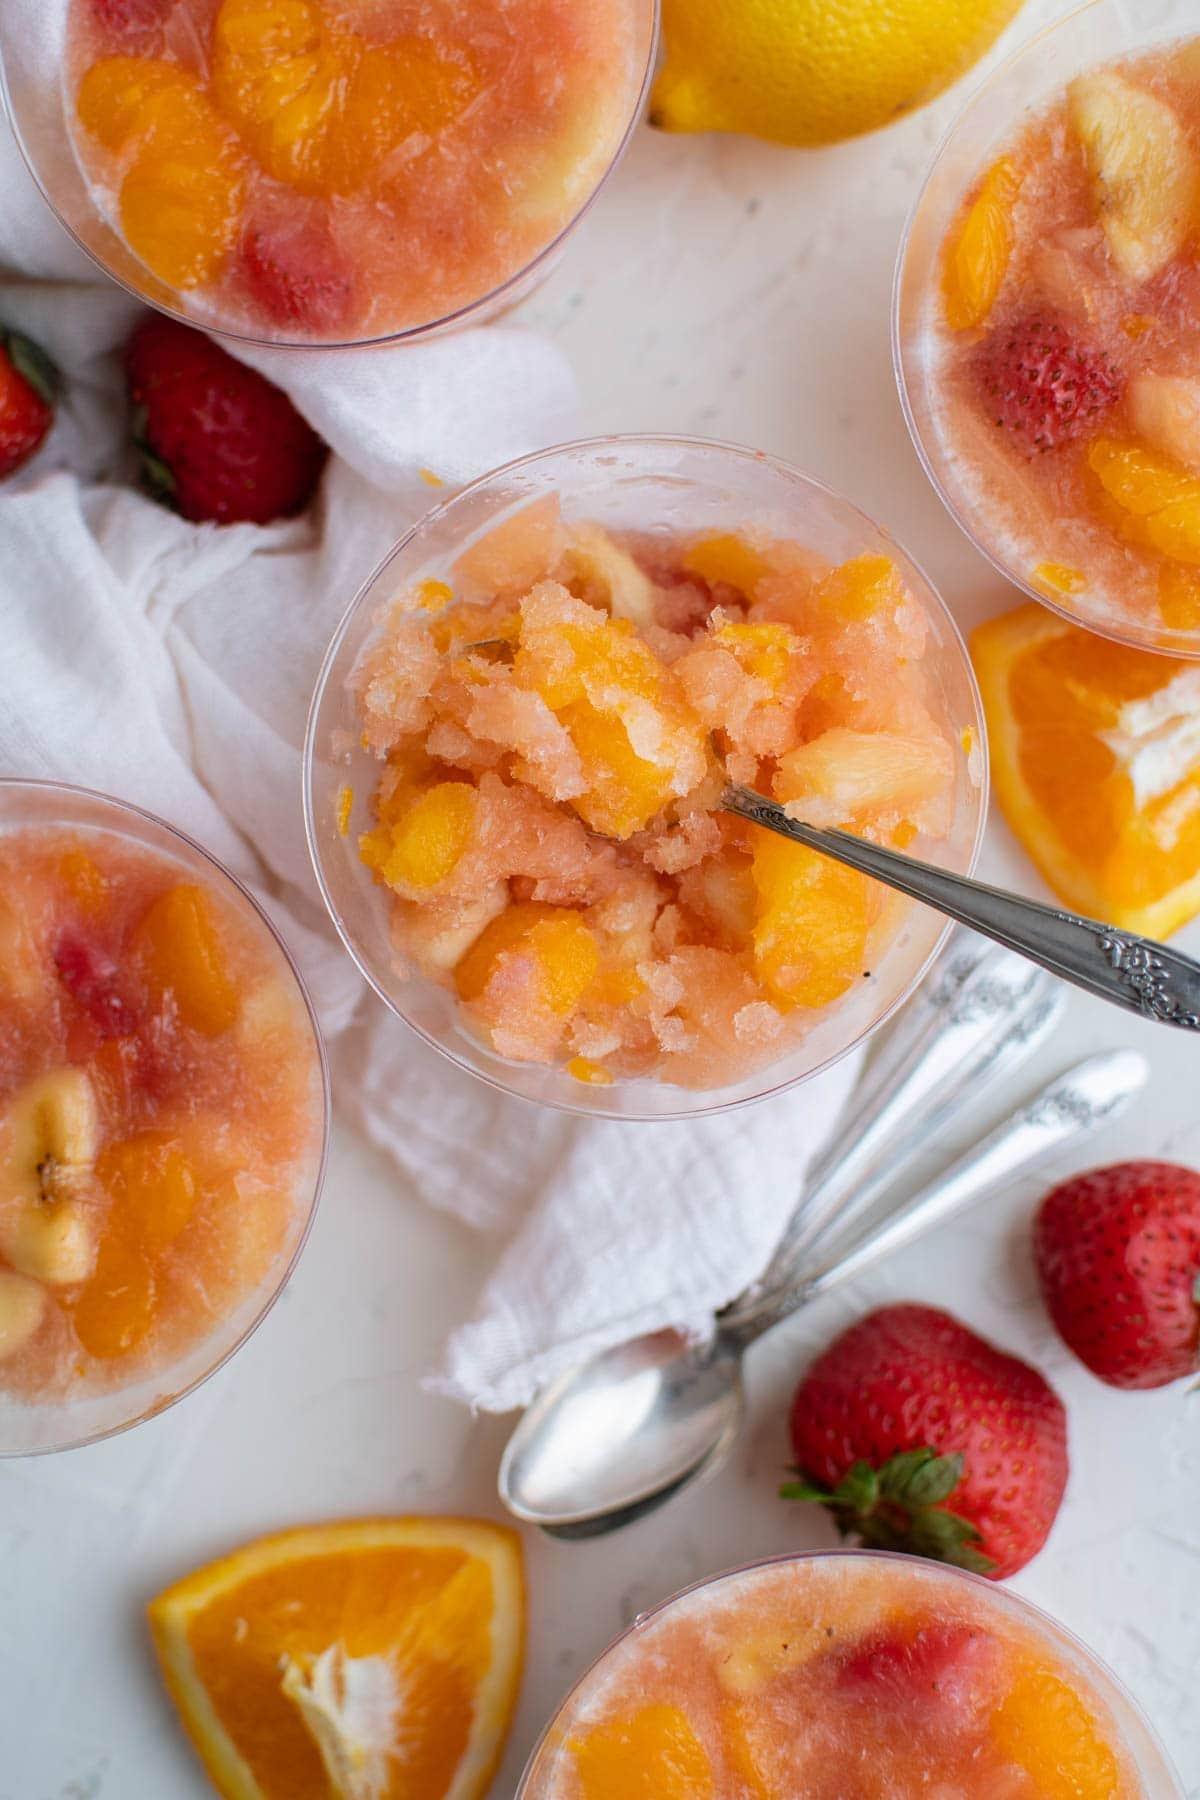 plastic cups with frozen fruit slush